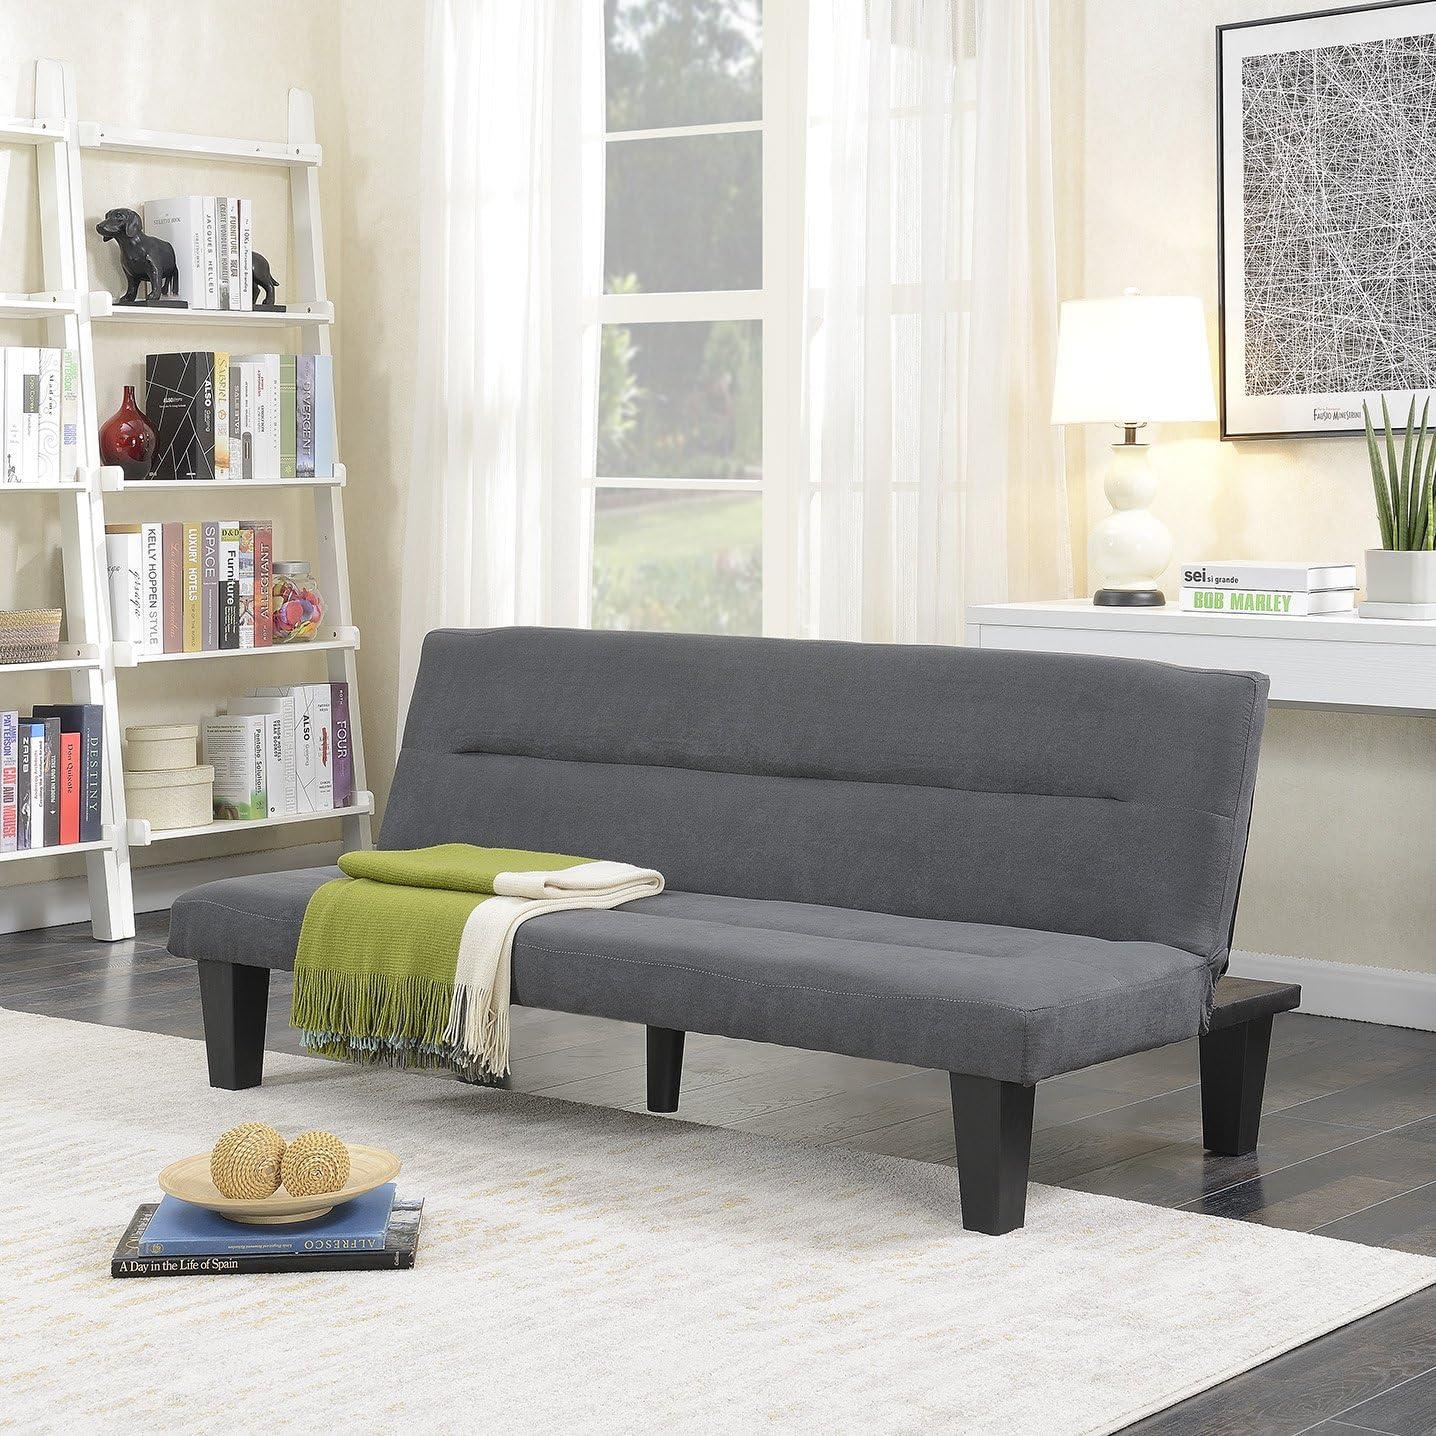 BELLEZE Futon Max 46% OFF Sofa Outlet SALE Bed Furniture Conv Lounger Adjustable Sleeper